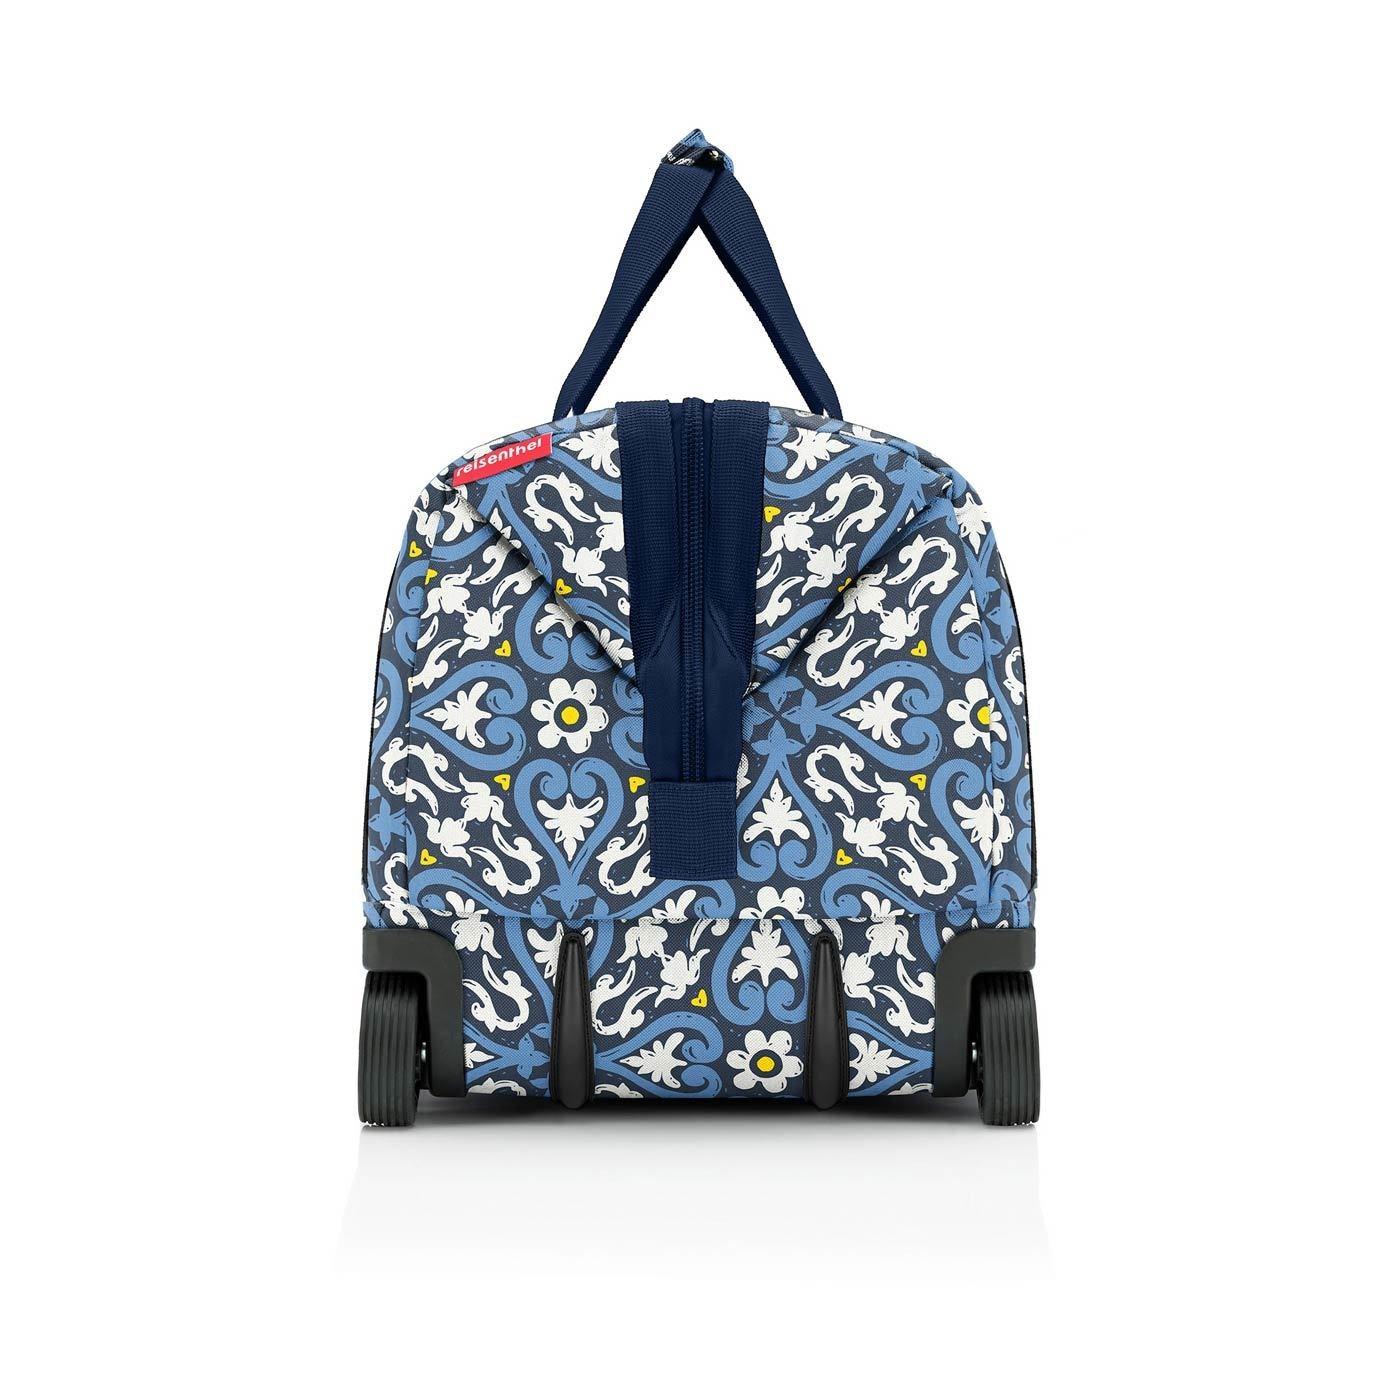 Cestovní taška na kolečkách Allrounder trolley floral 1_2